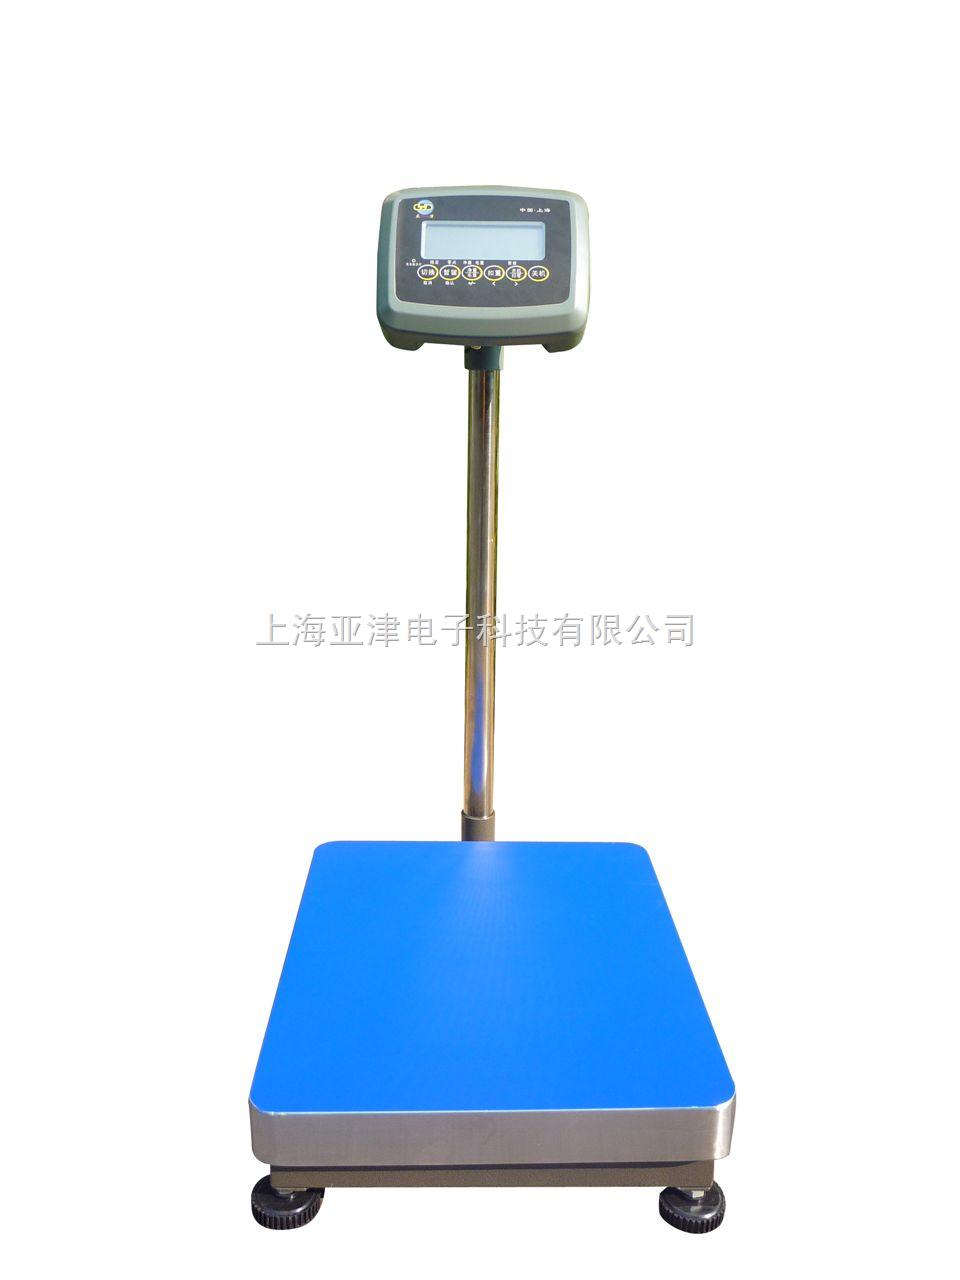 TCS-150KG电子秤超重时声光报警-上海供应